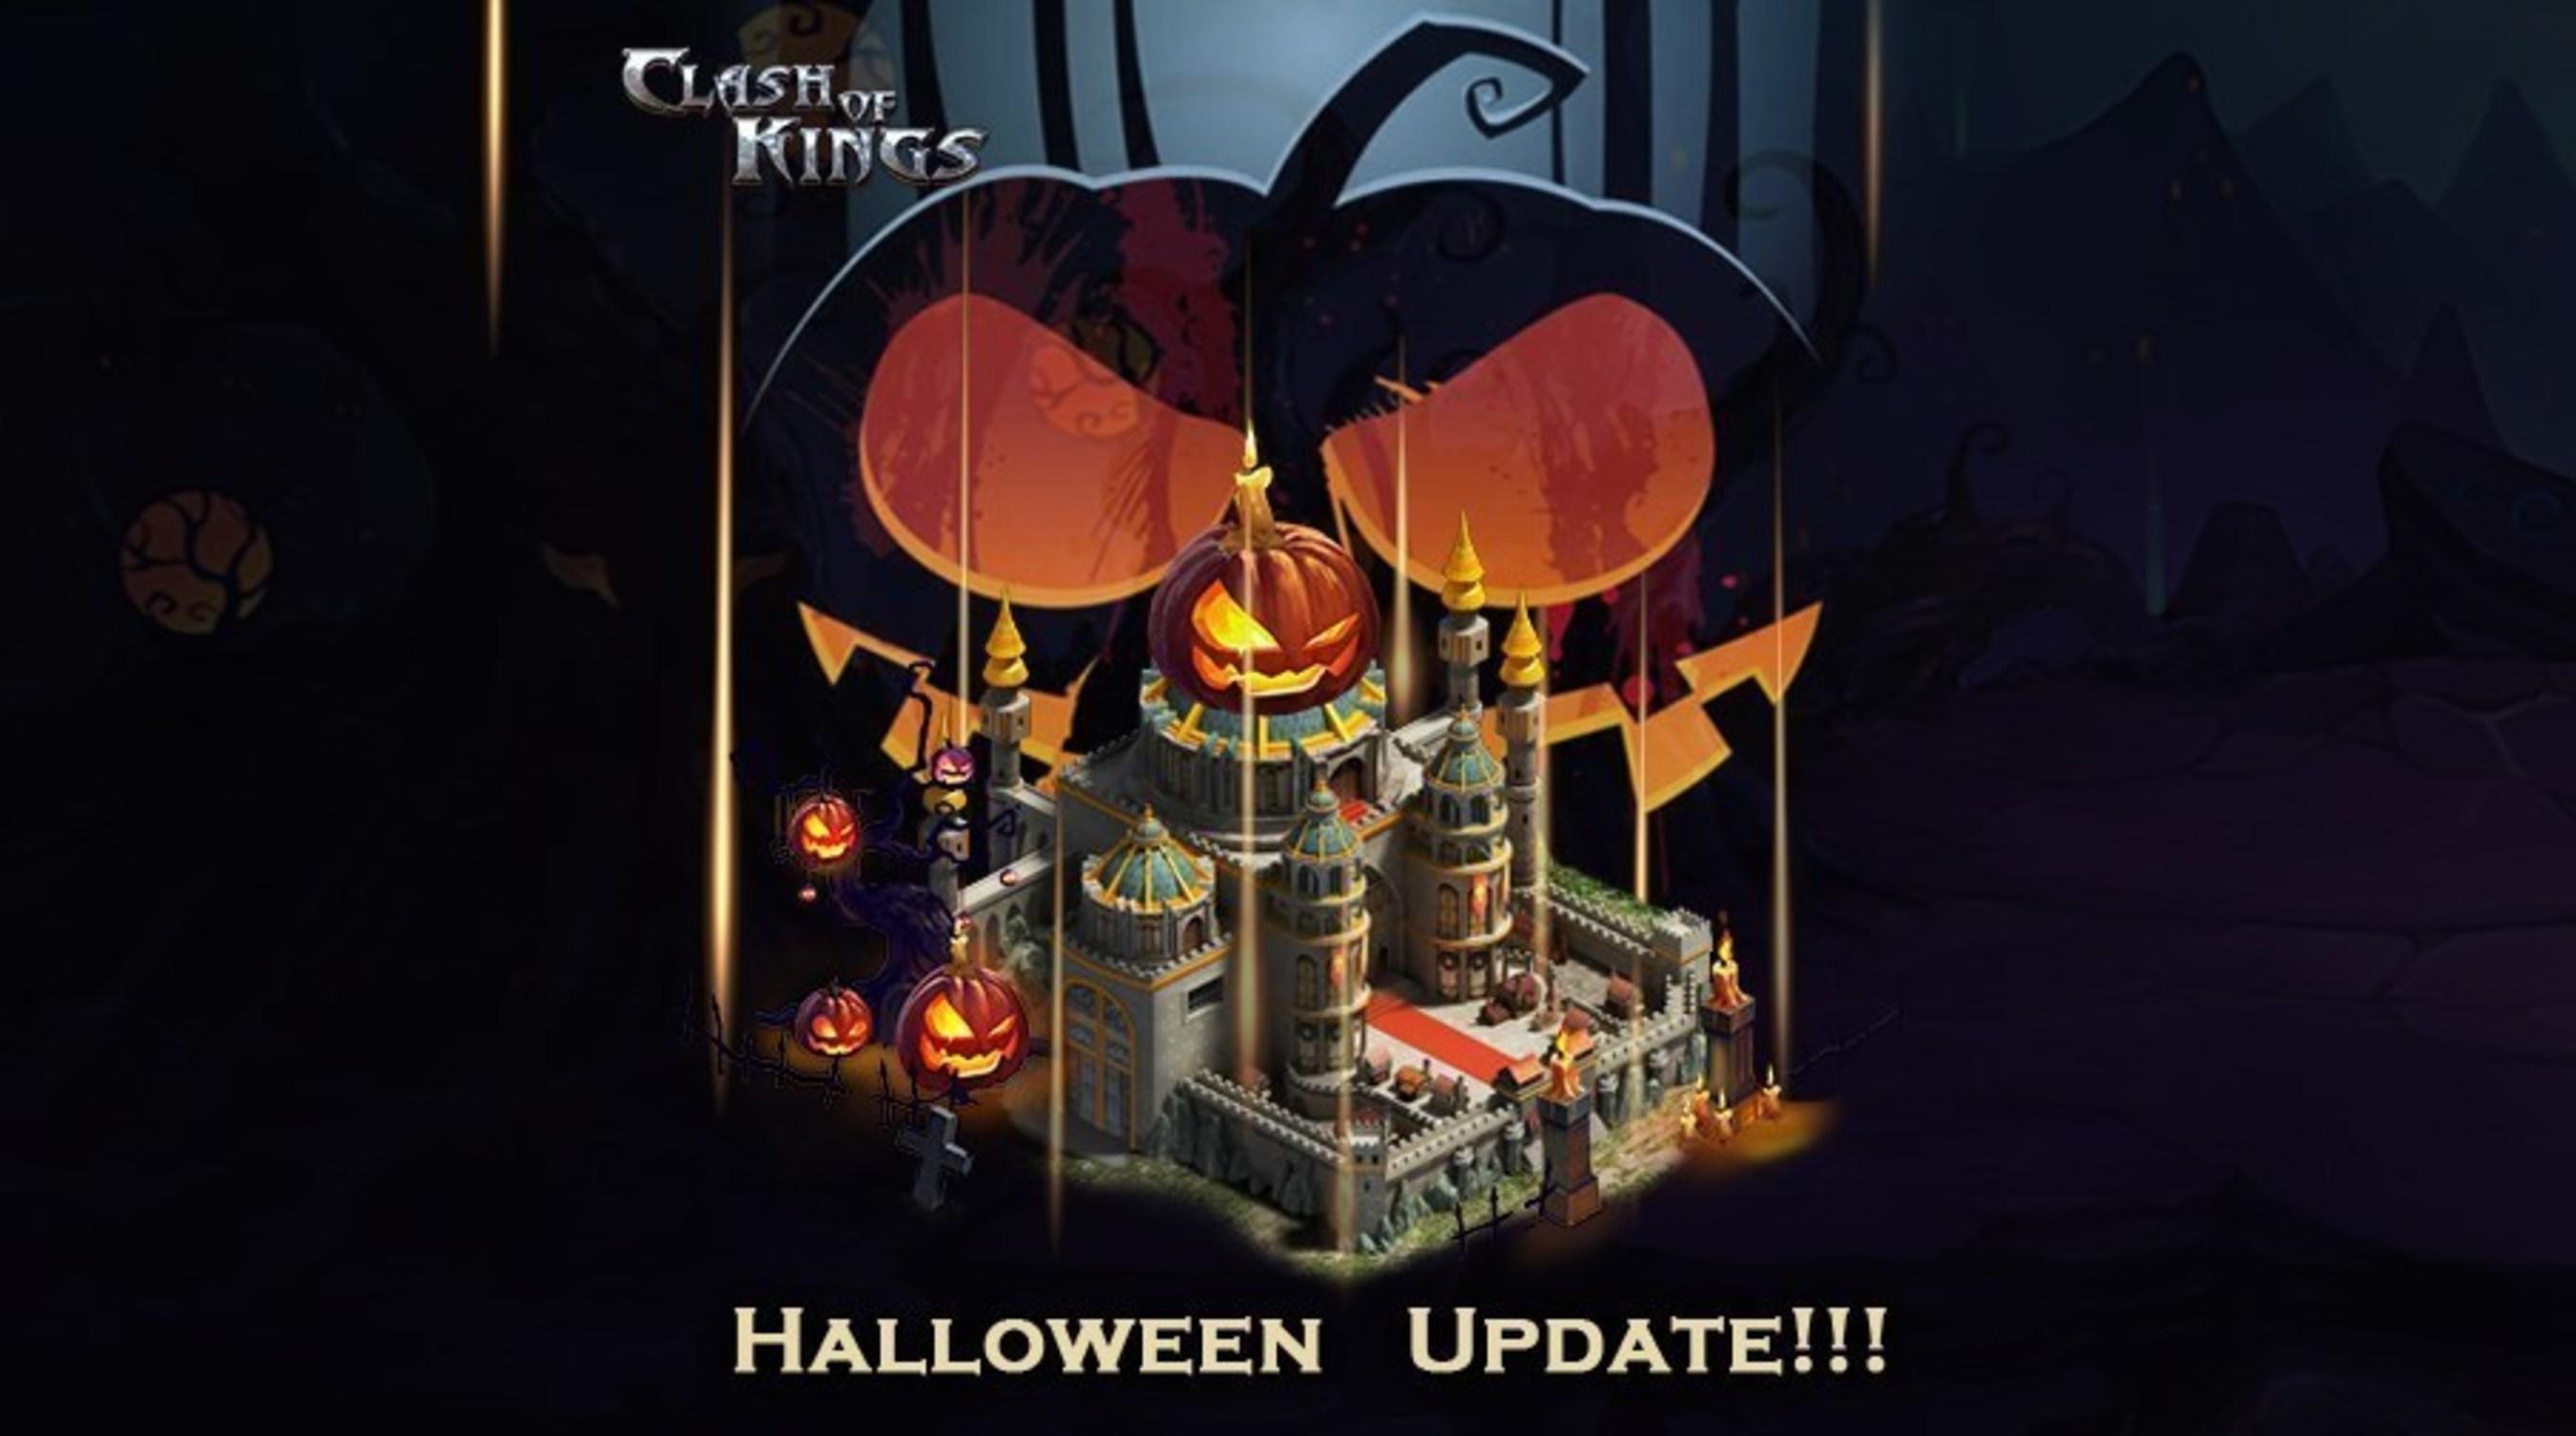 Sortie de la mise à jour de Clash of Kings pour Halloween : des jeux gratuits maintenant